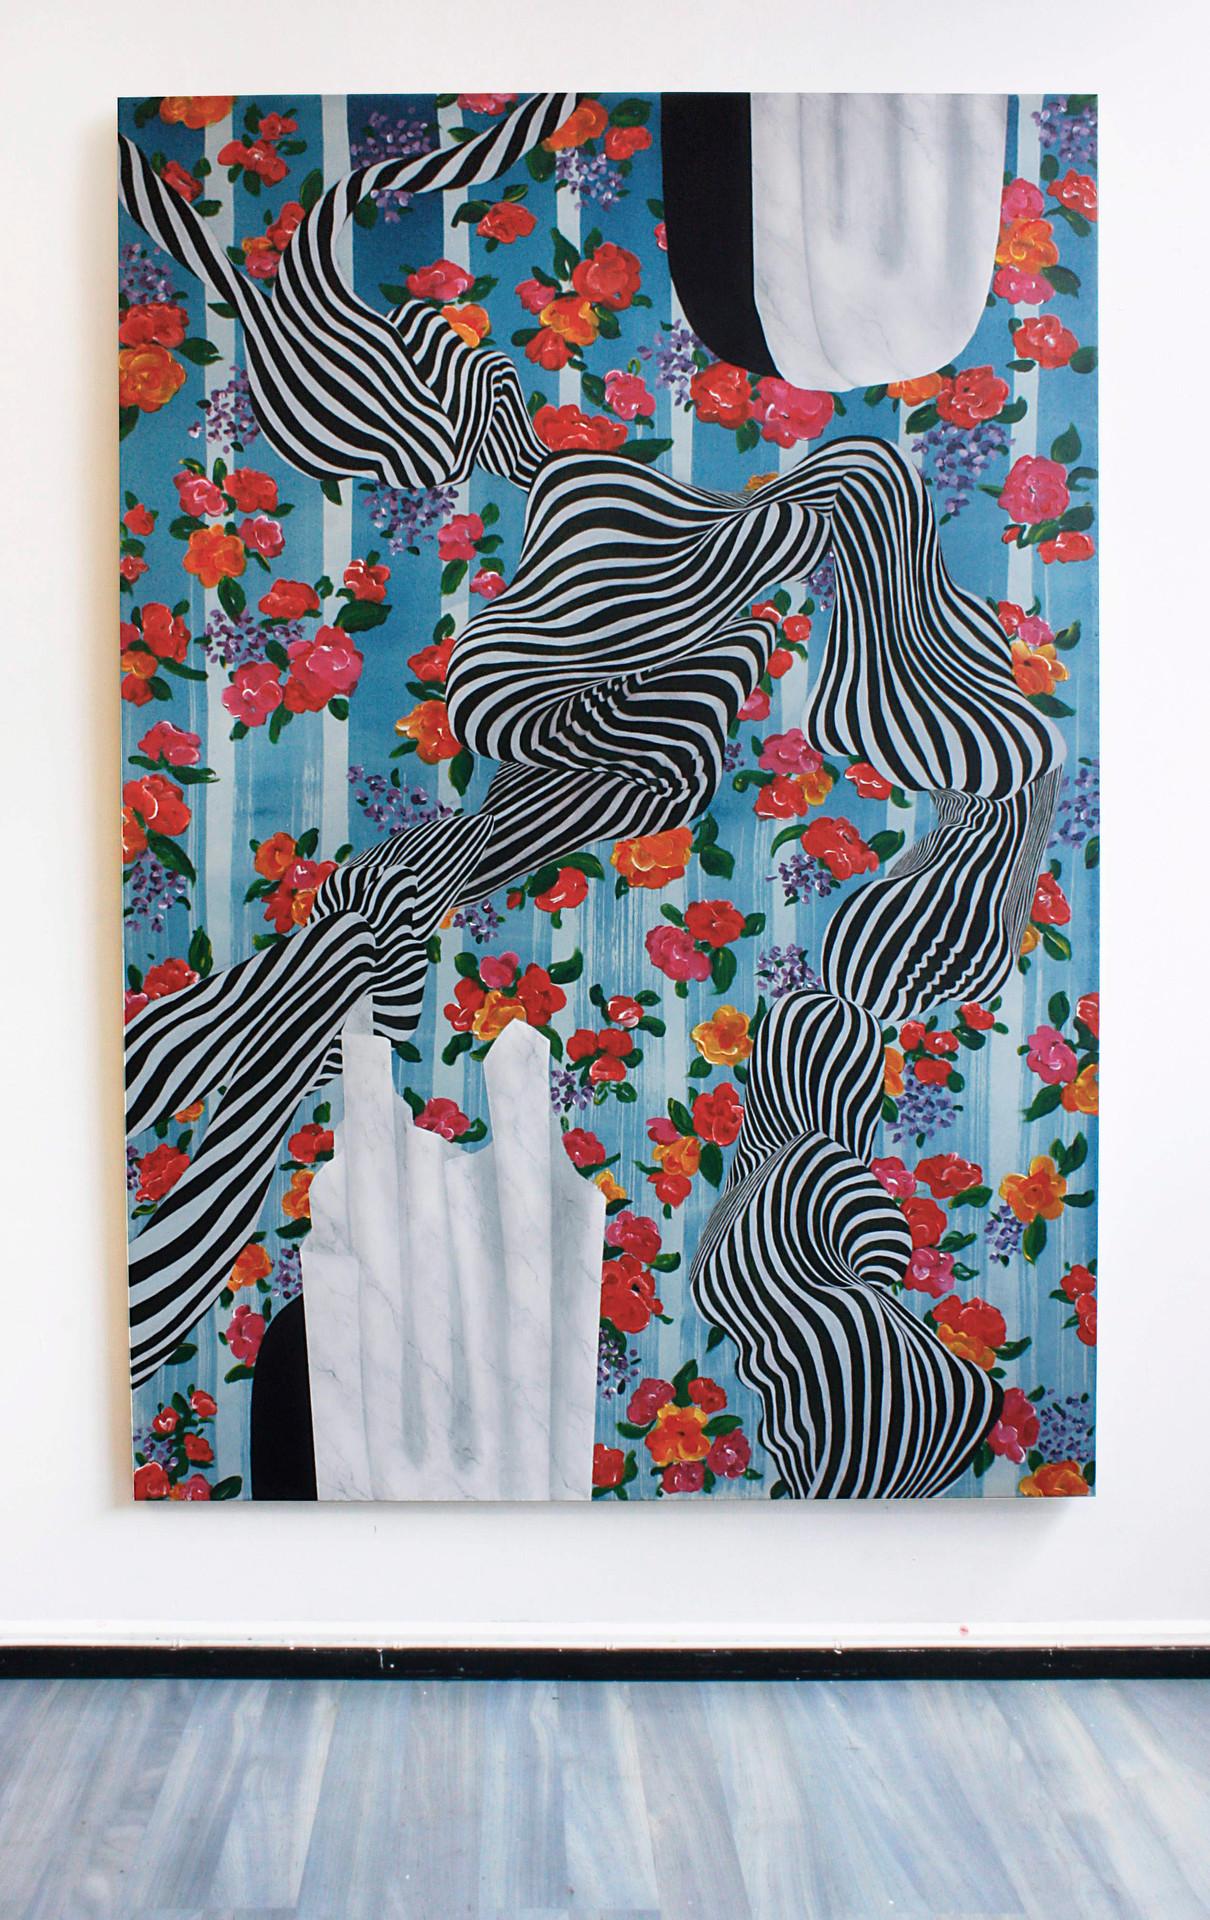 Utan titel, 200x135 cm, tempera och akryl på bomullsduk, 2019